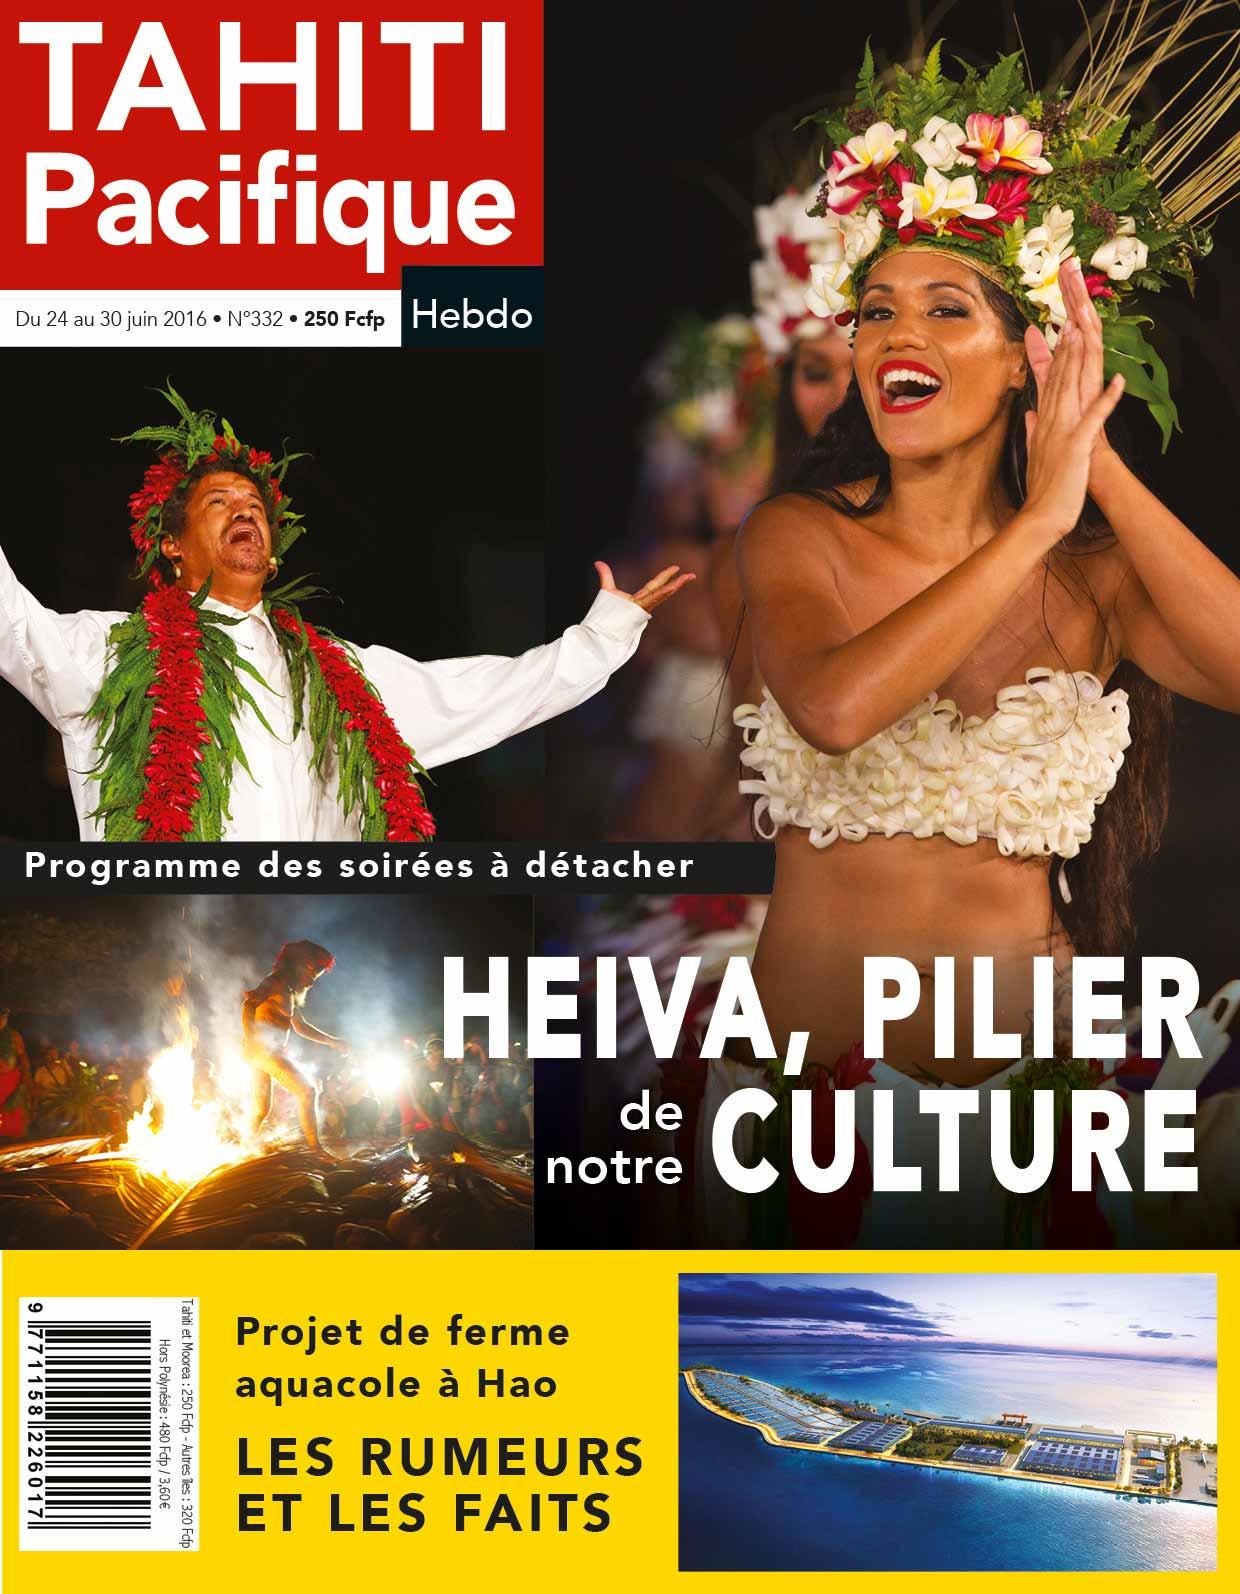 À la Une de votre Tahiti Pacifique Hebdo du 24 juin